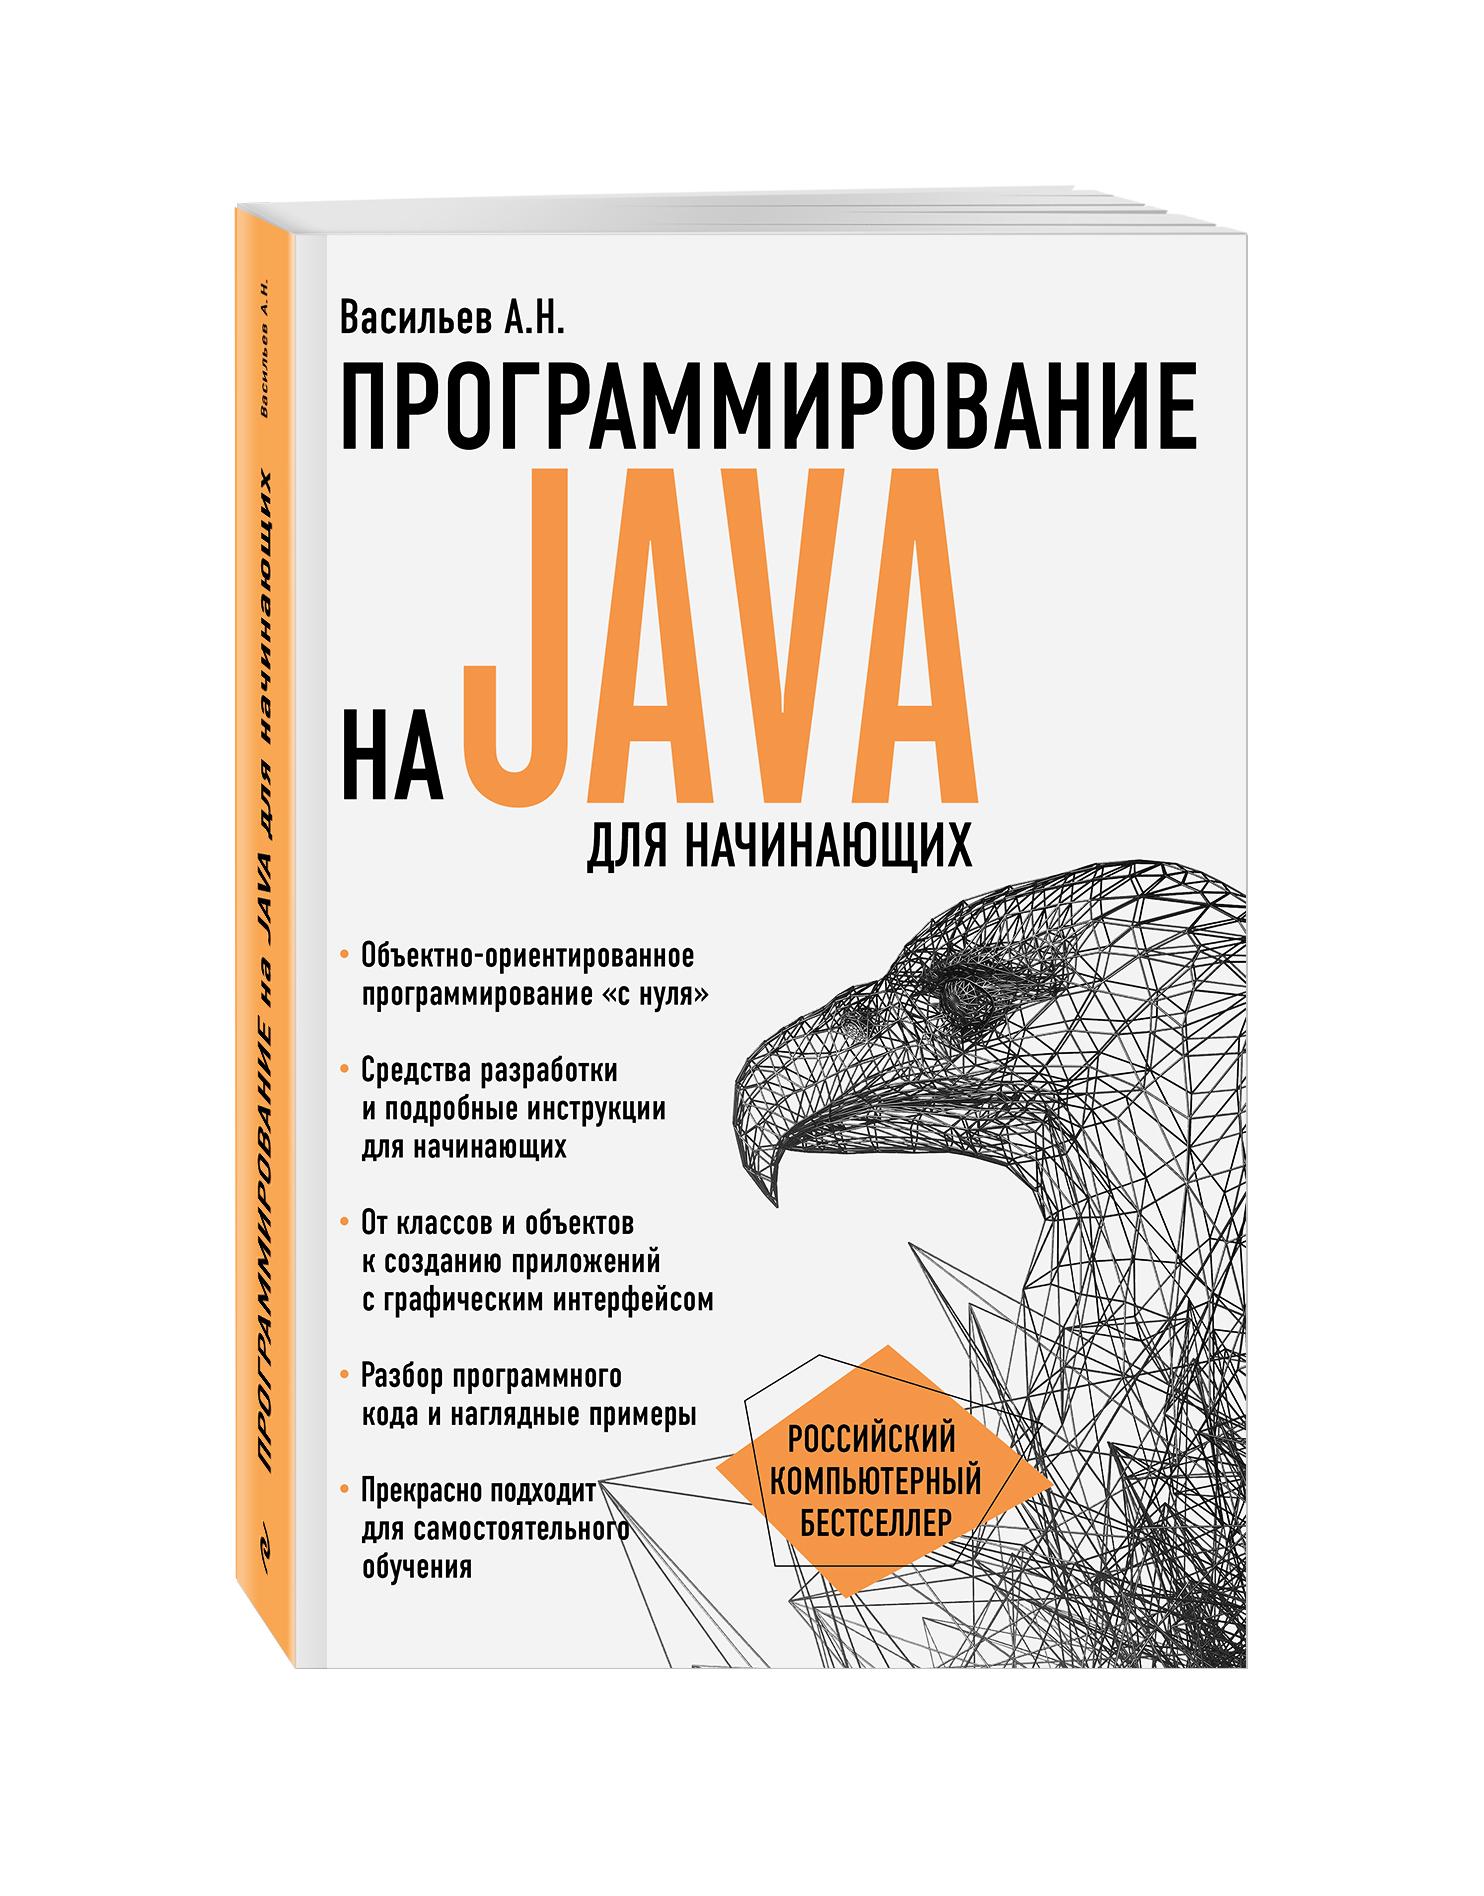 Васильев А.Н. Программирование на Java для начинающих книги эксмо программирование на java для начинающих